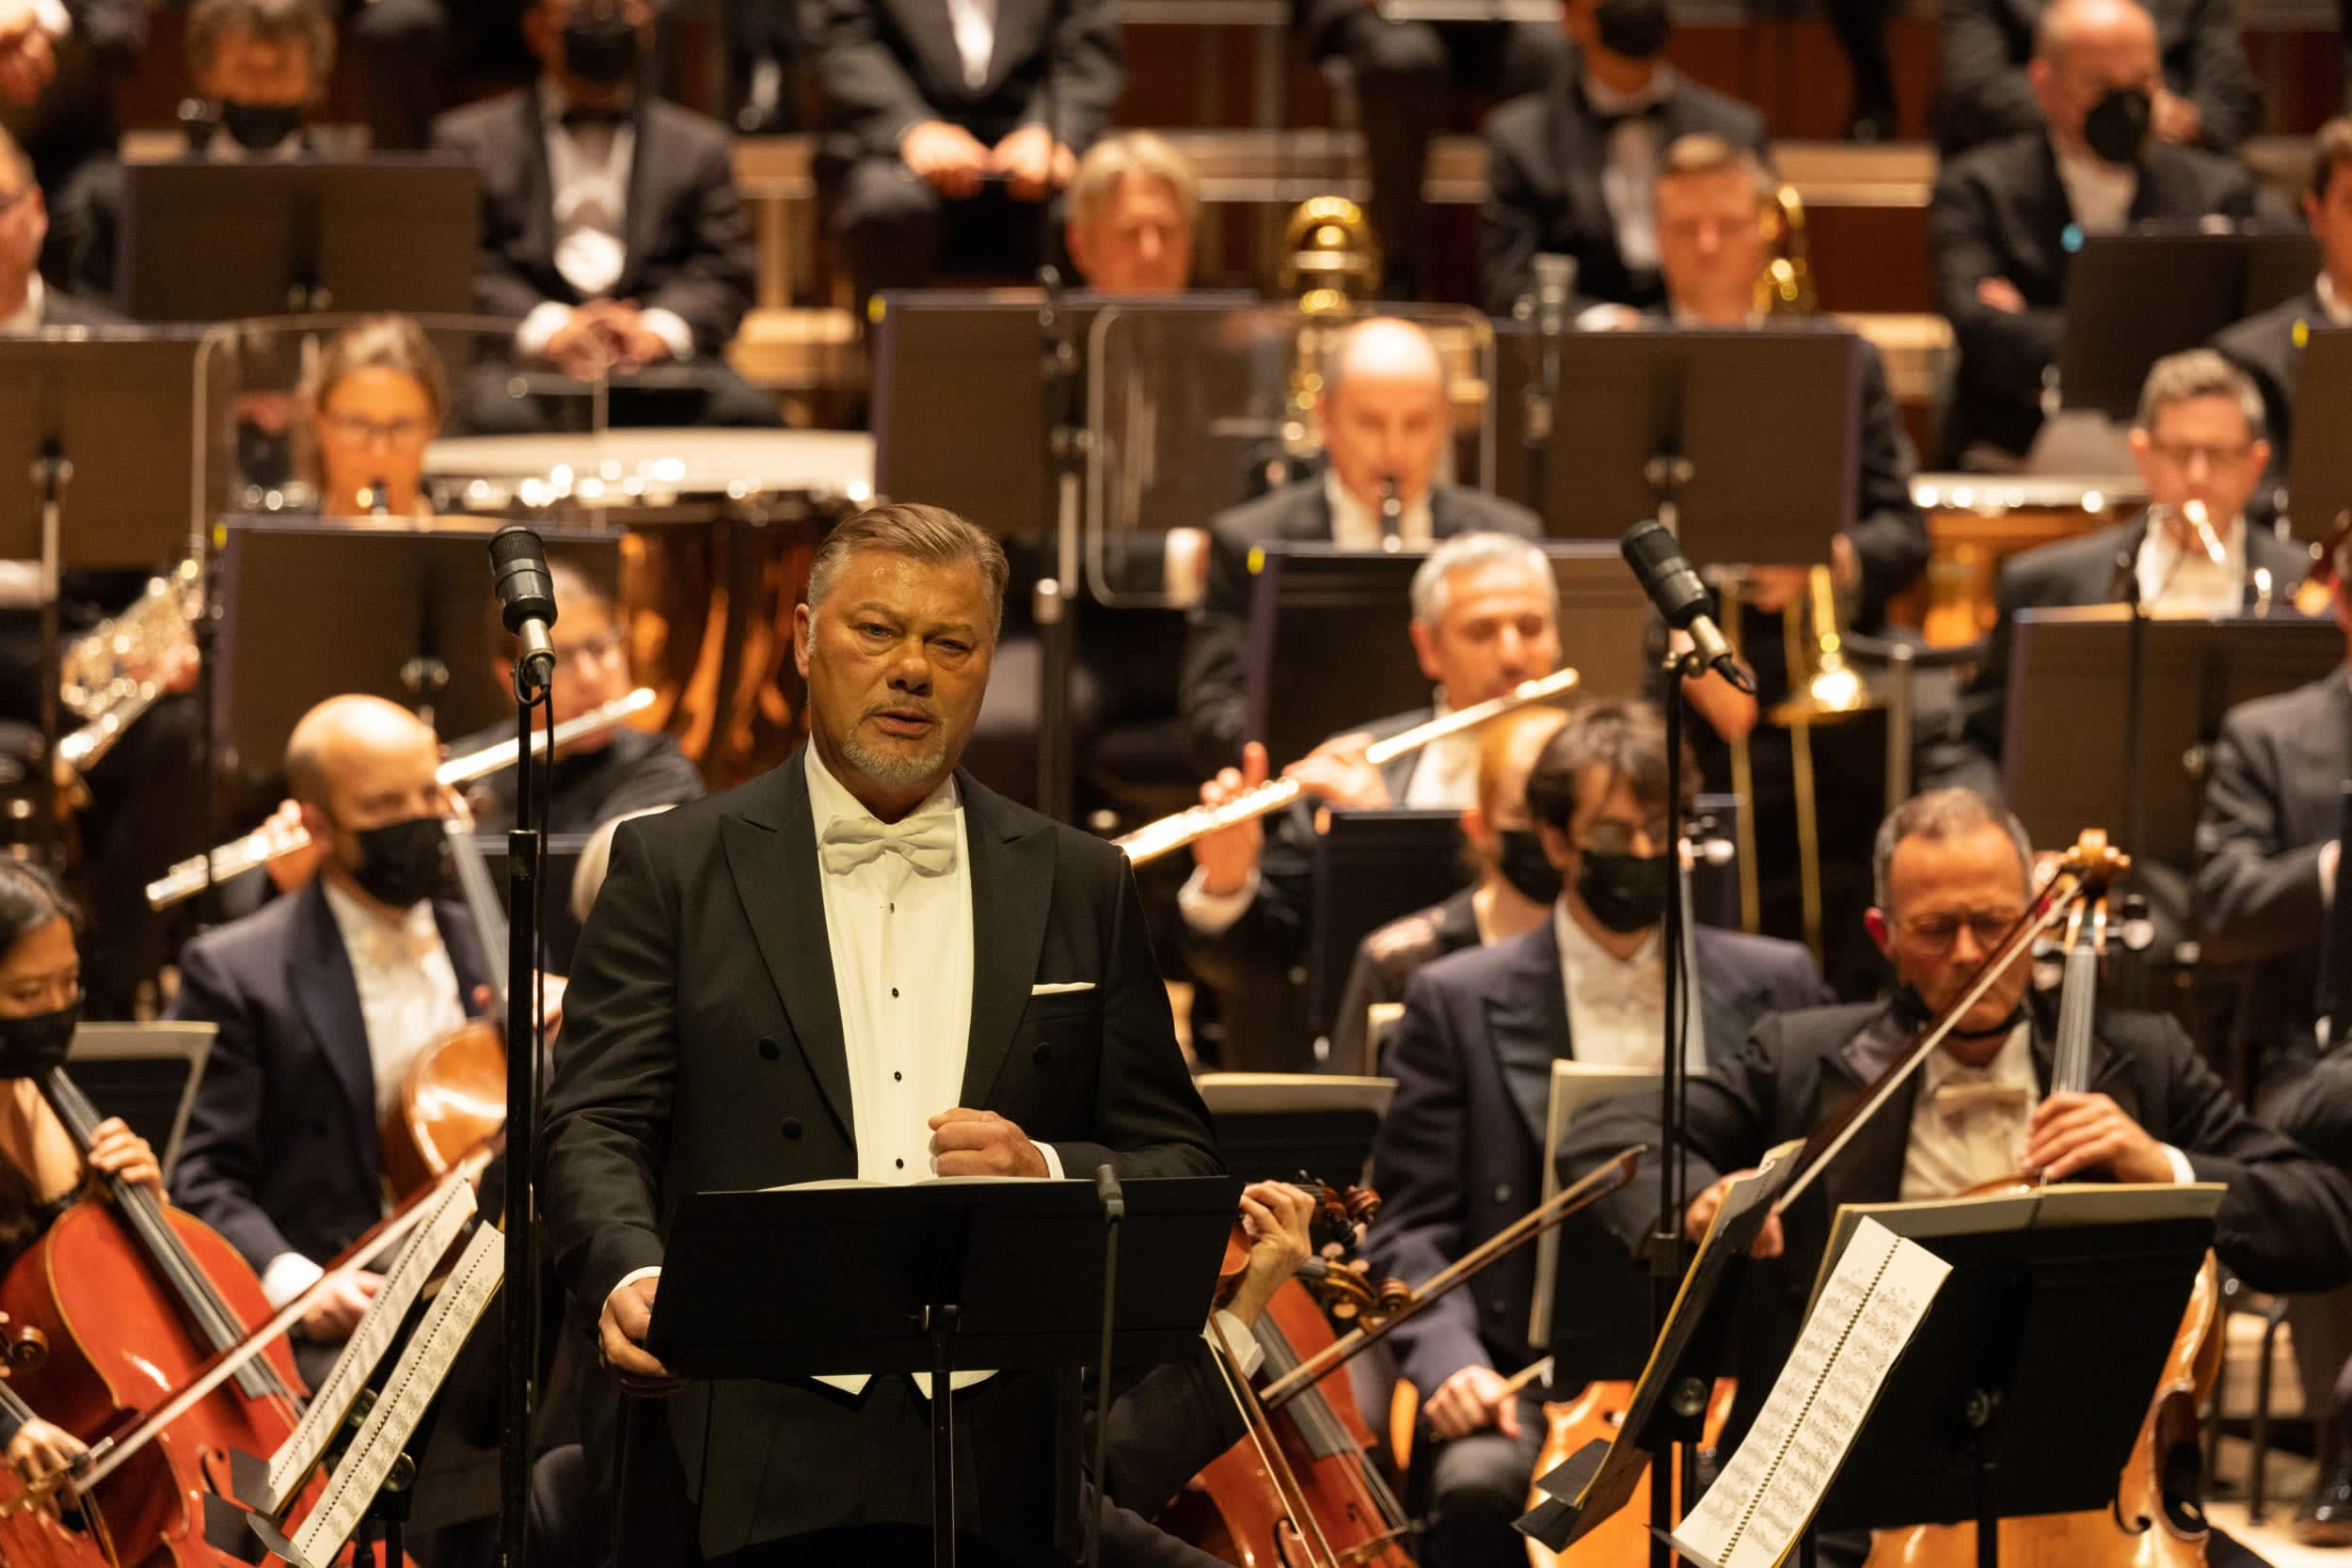 Concert exceptionnel - Philippe Jordan - 13